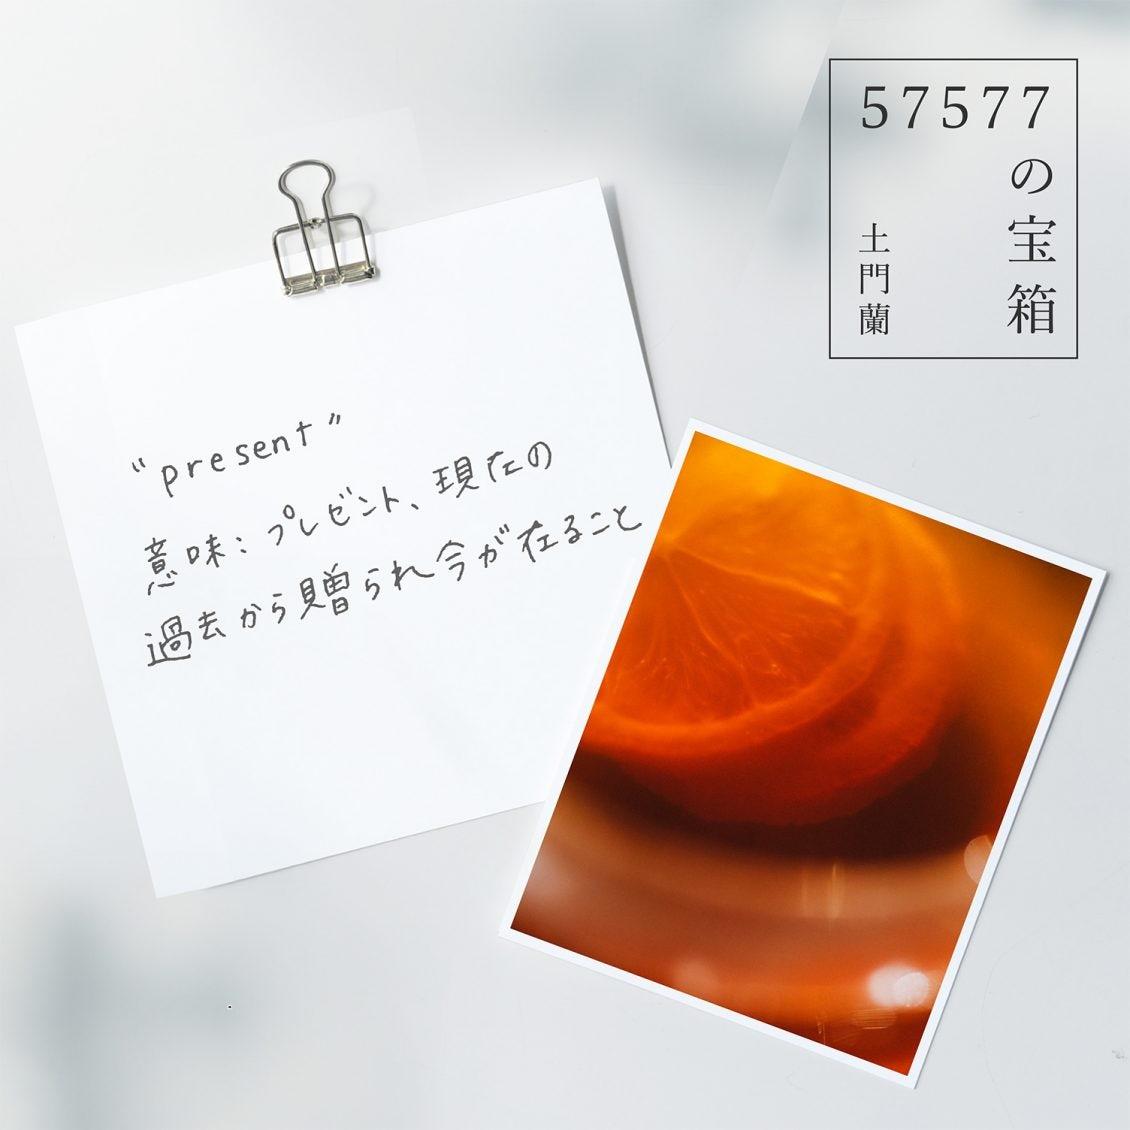 """【57577の宝箱】"""" present """" 意味:プレゼント、現在の 過去から贈られ今が在ること"""